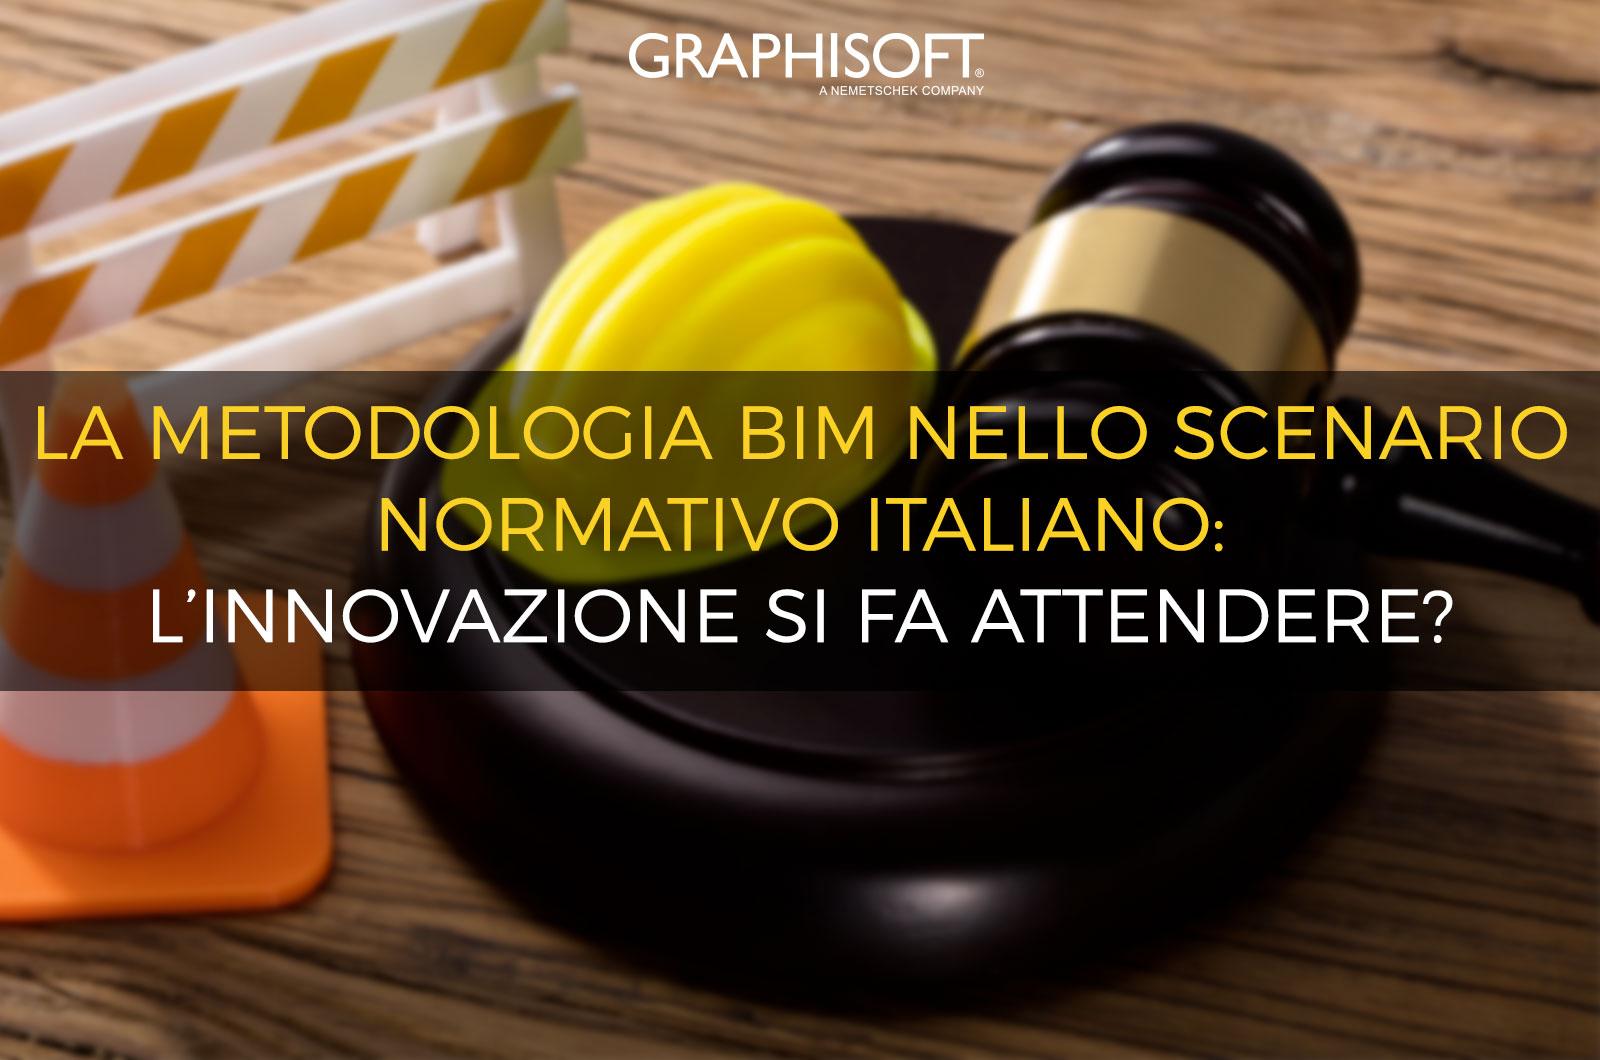 BIM_scenario_normativo_italiano